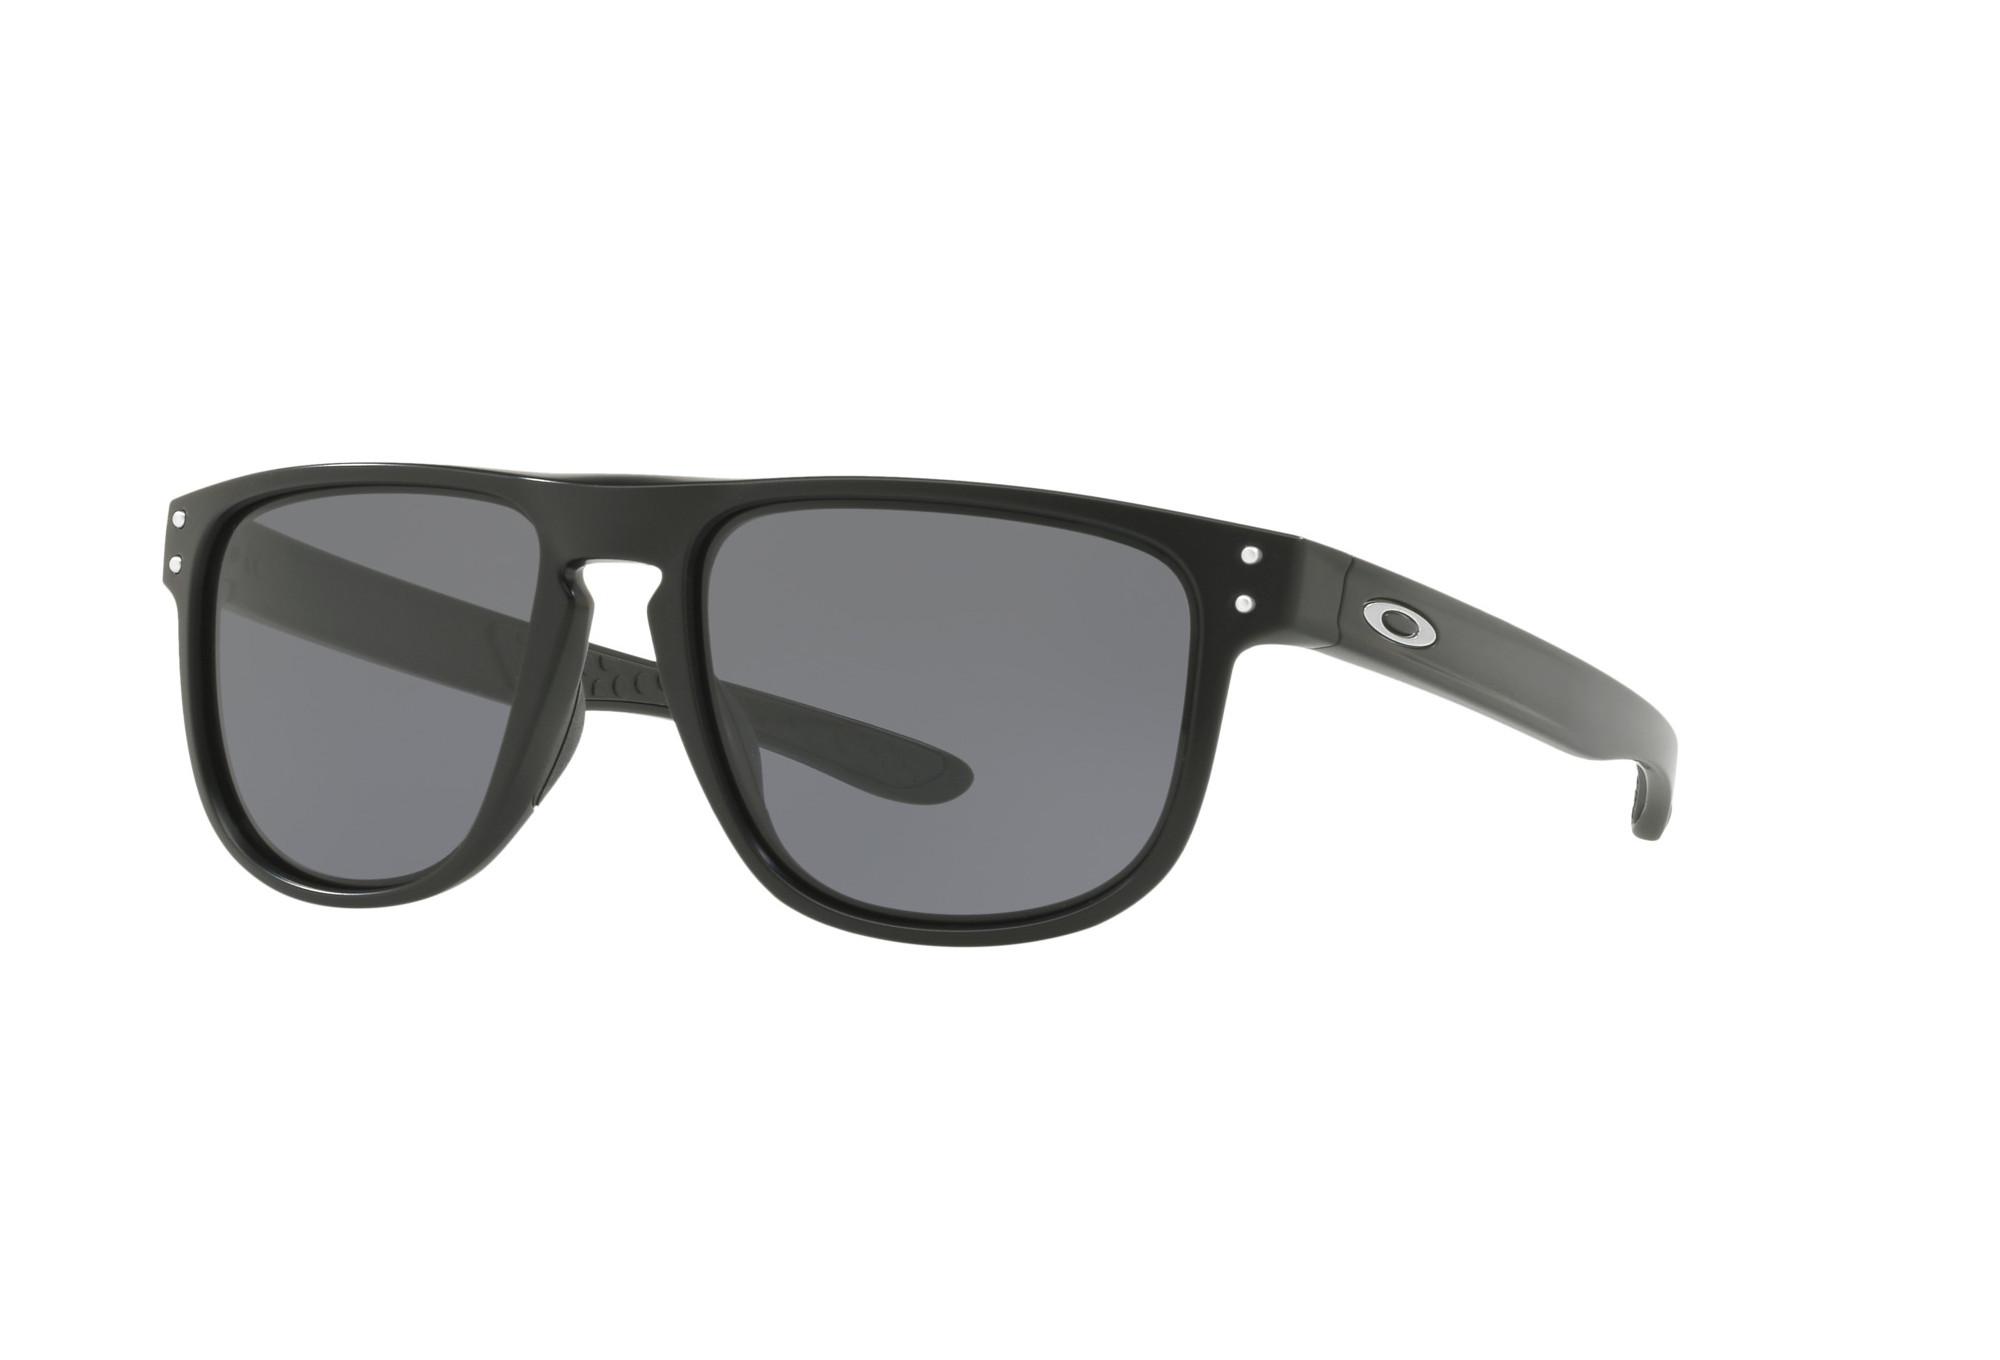 ad3260969 oiOferta :: Óculos Oakley Holbrook com Armação Preta Fosca e Lentes  Polarizadas Vermelho Espelhado Lunettes Oakley Holbrook R Noir - Gris Ref  OO9377-0155 ...